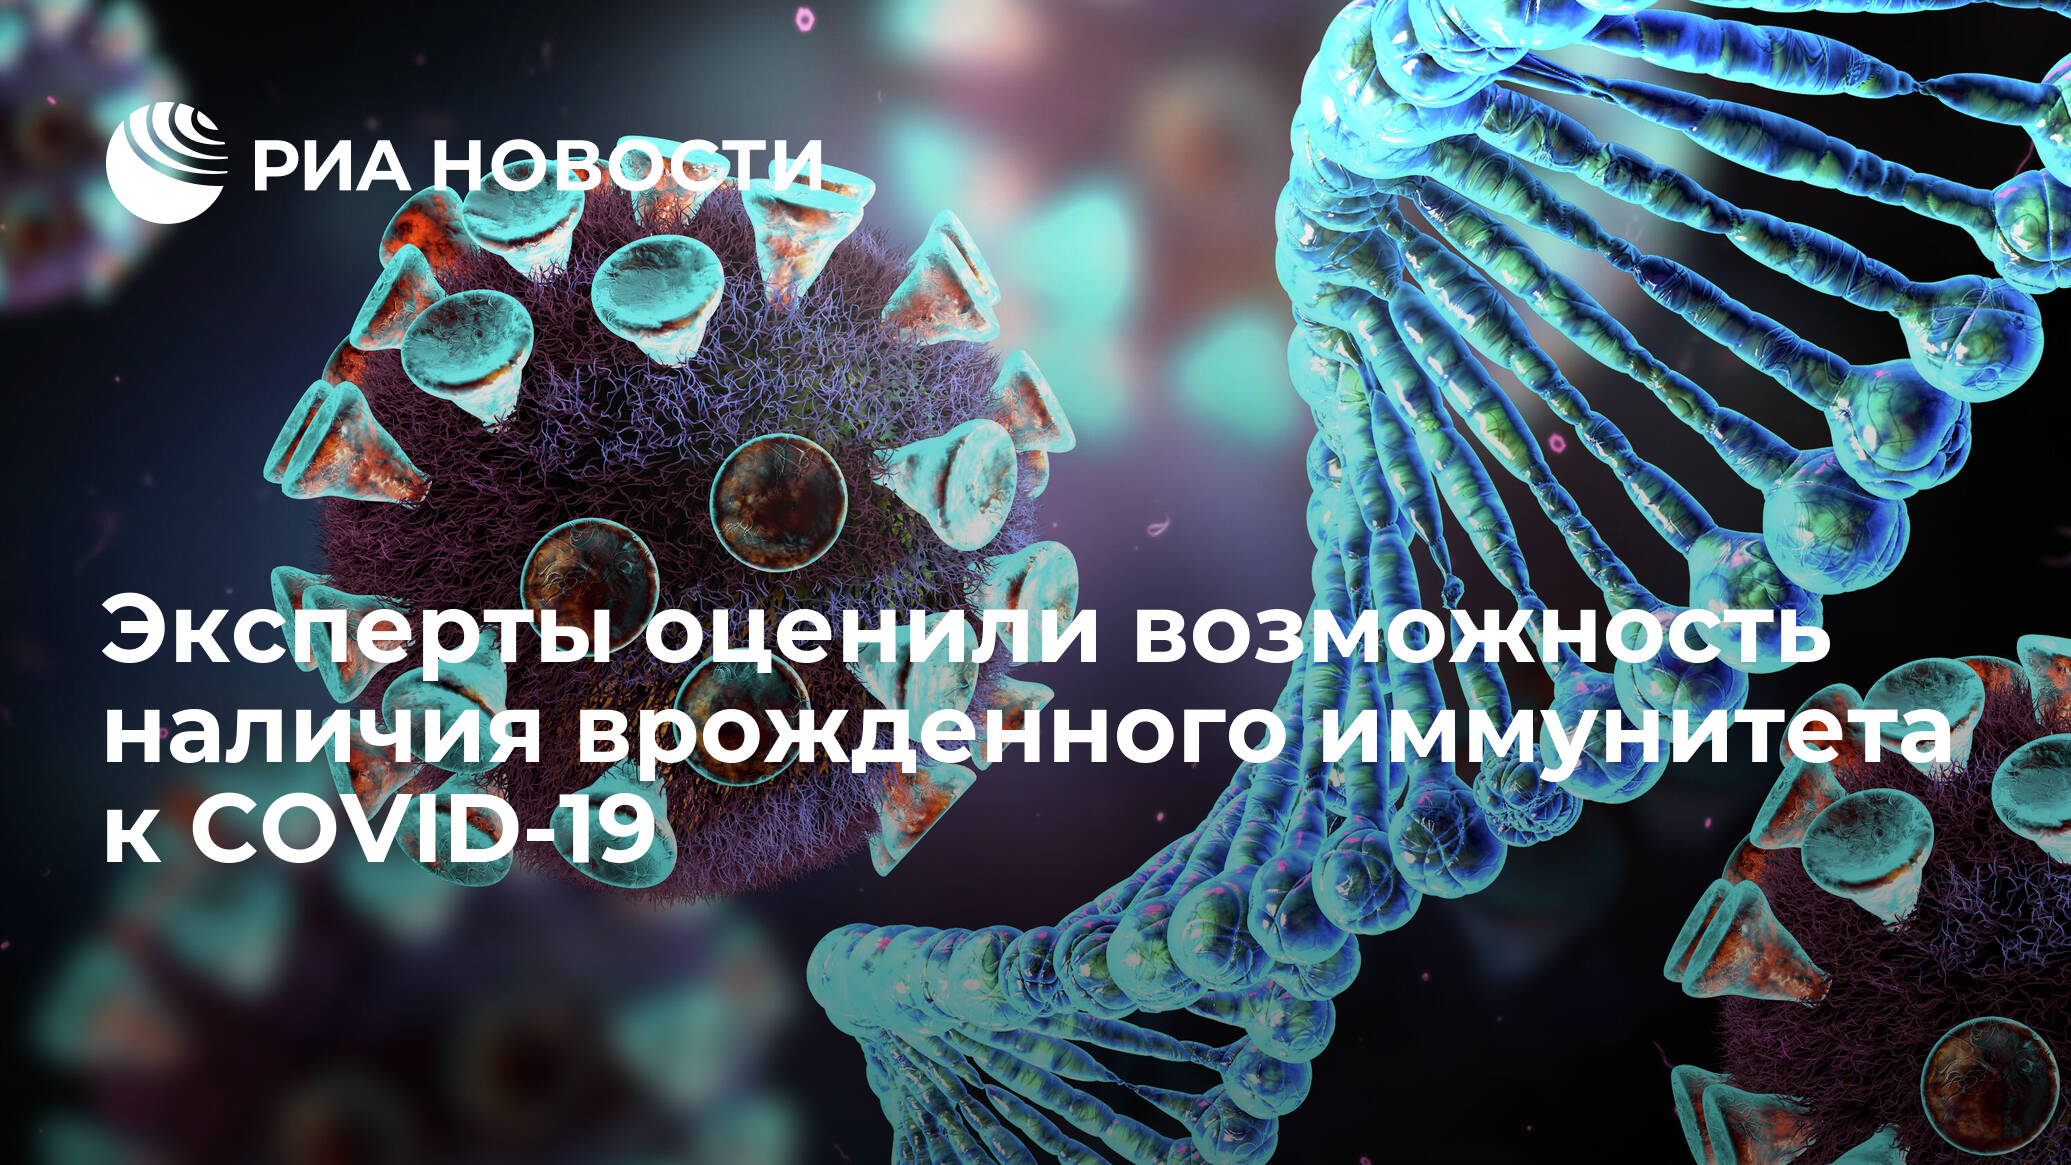 Эксперты оценили возможность наличия врожденного иммунитета к COVID-19